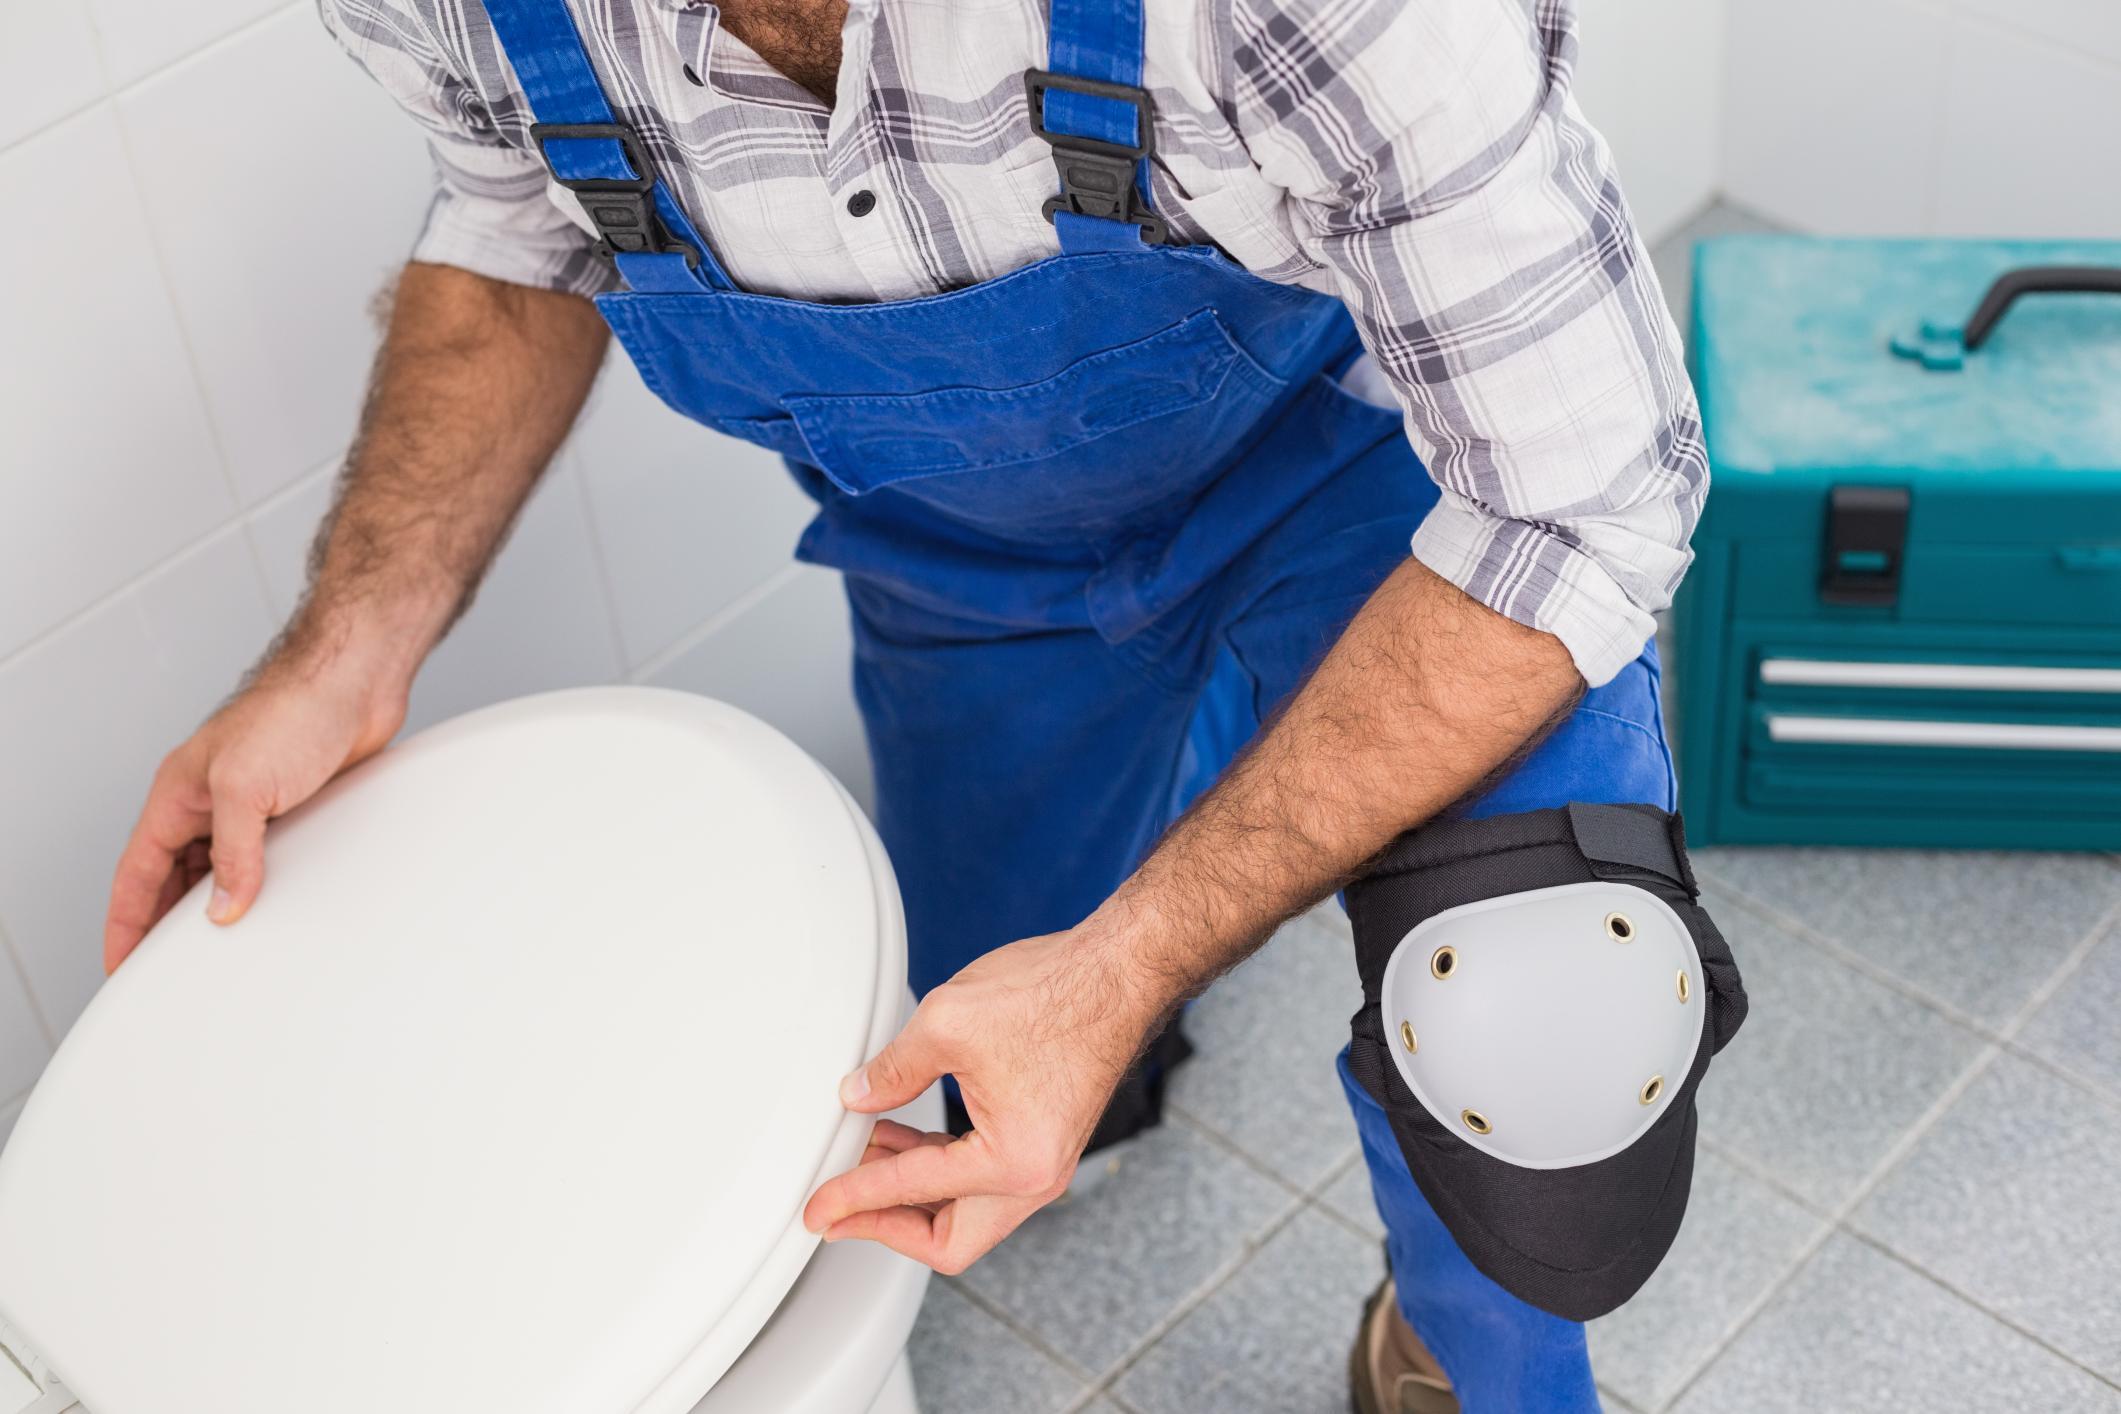 Sudbury Plumbing Services